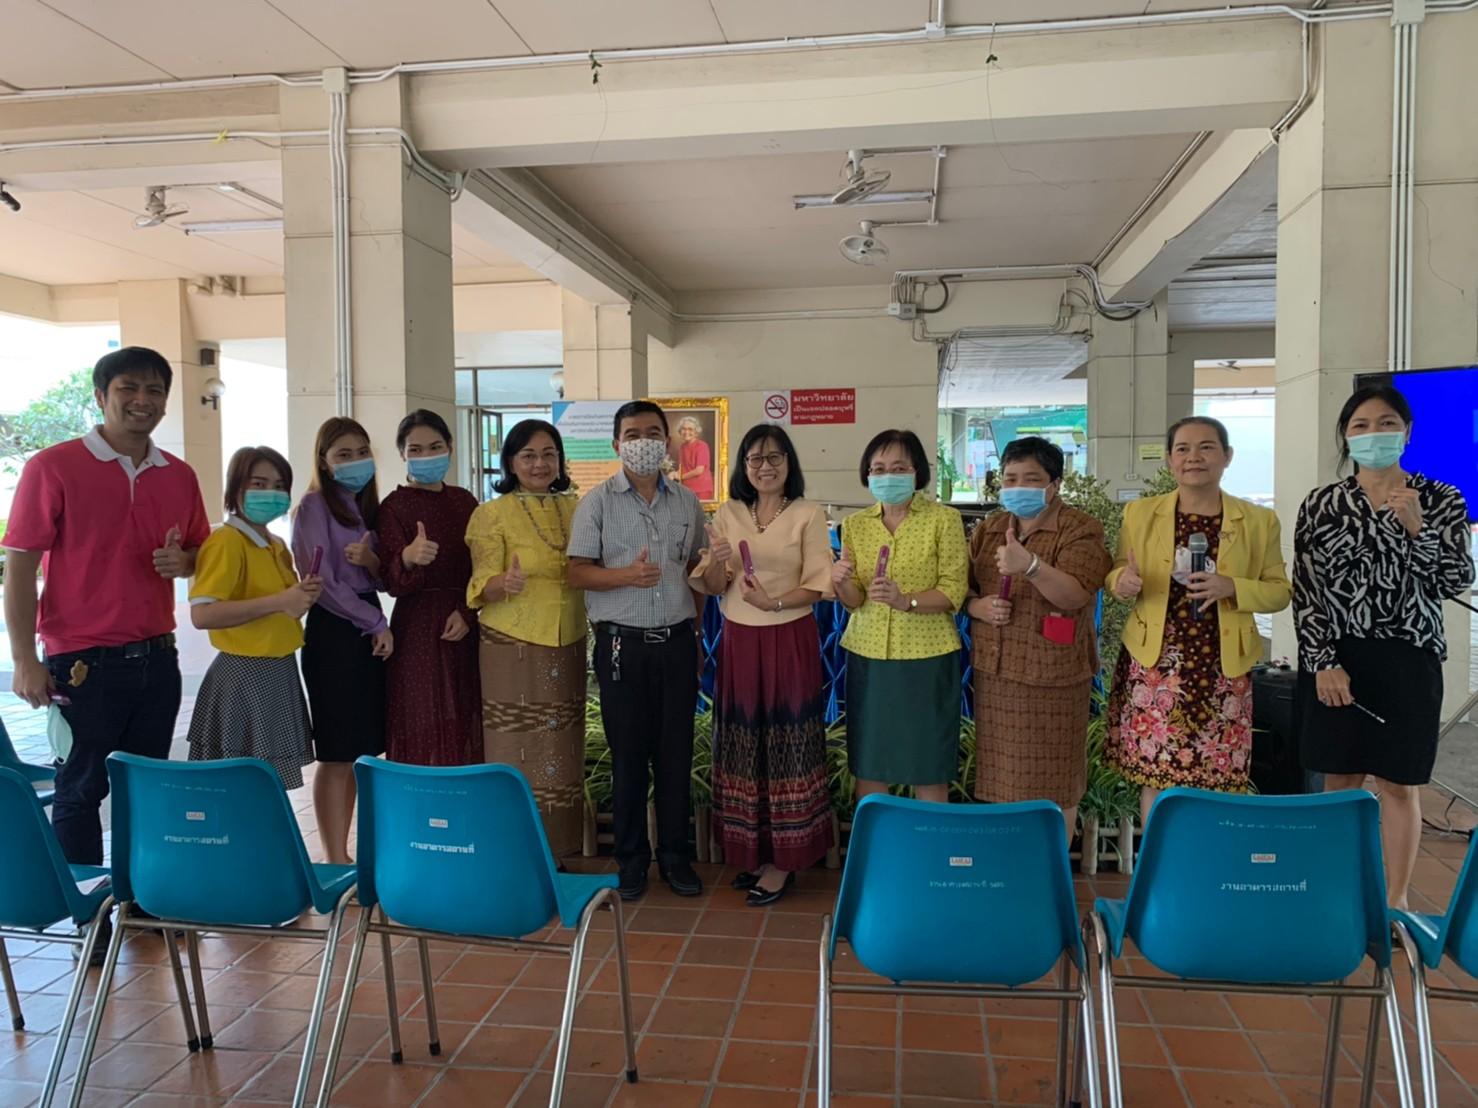 บริการพยาบาลเพื่อสร้างเสริมสุขภาพ เนื่องในวันพยาบาลแห่งชาติ ประจำปี 2563